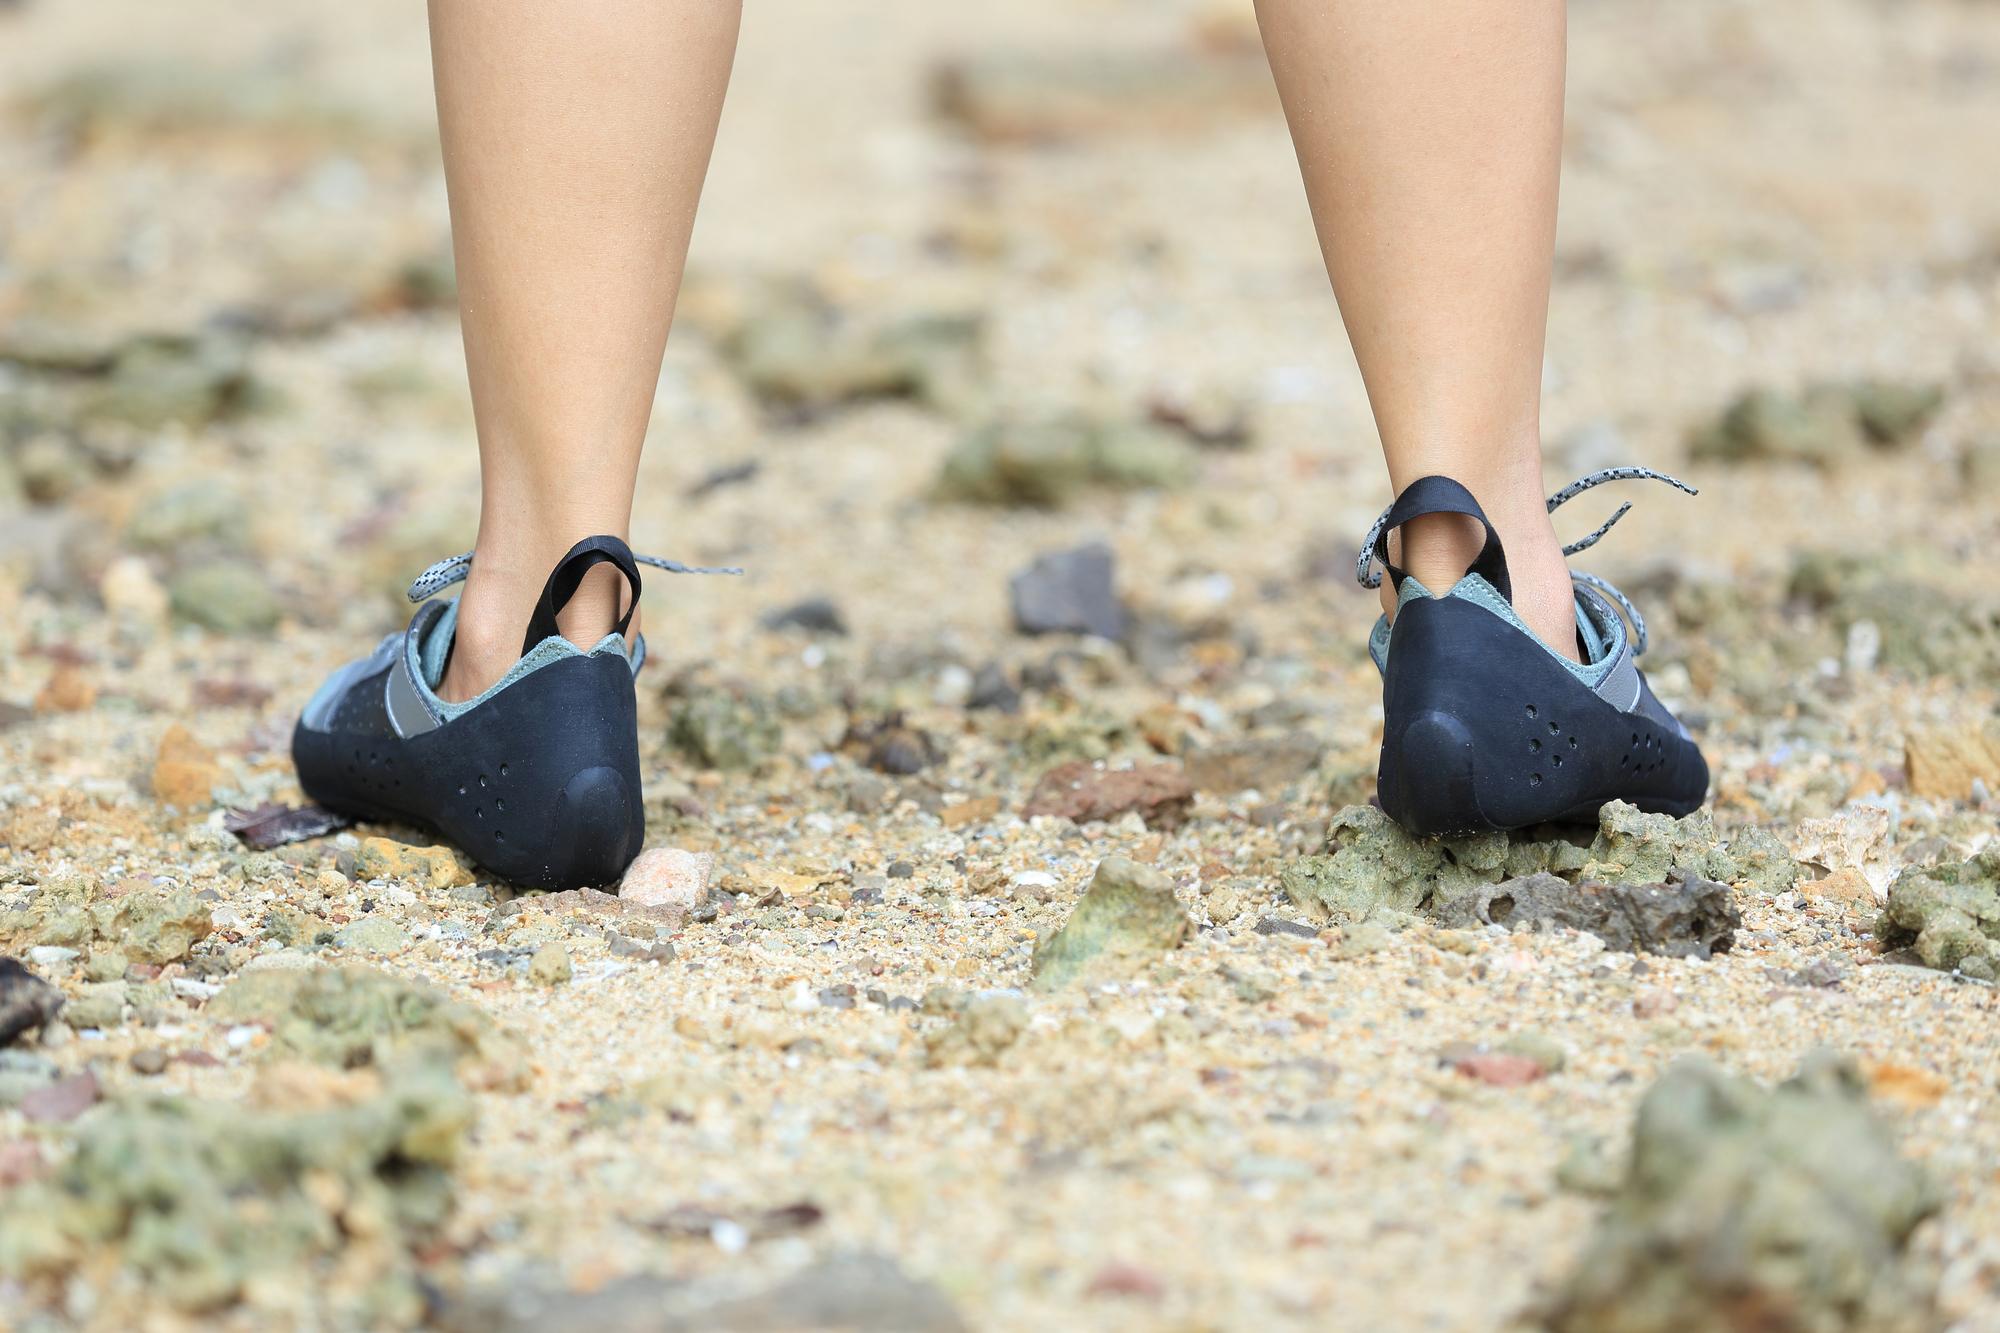 子供用クライミングシューズ(登山靴)